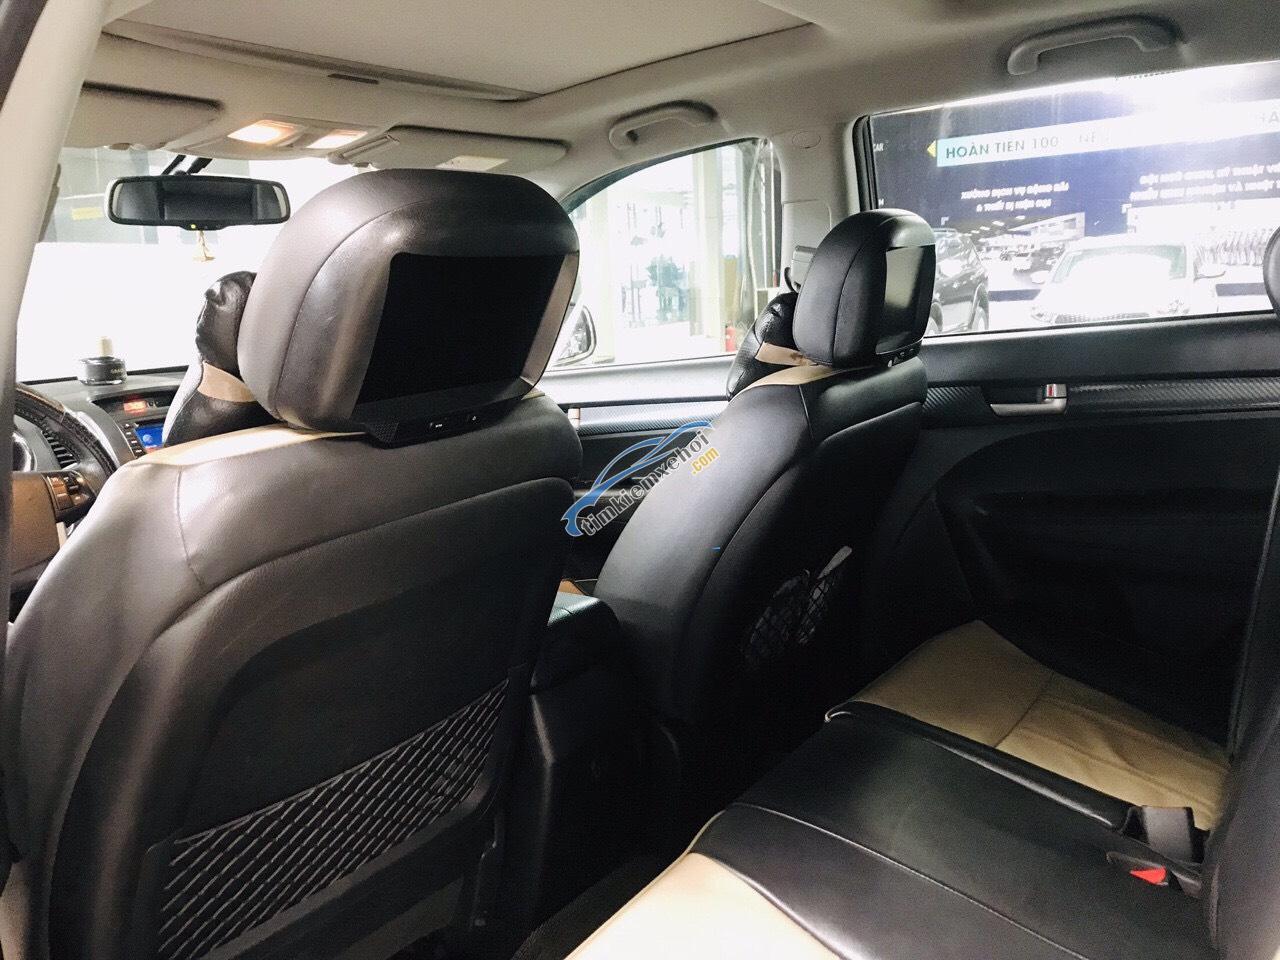 Bán Kia Sorento 2.4AT màu đen VIP số tự động máy xăng sản xuất 2012 biển Sài Gòn, đi 38.000km